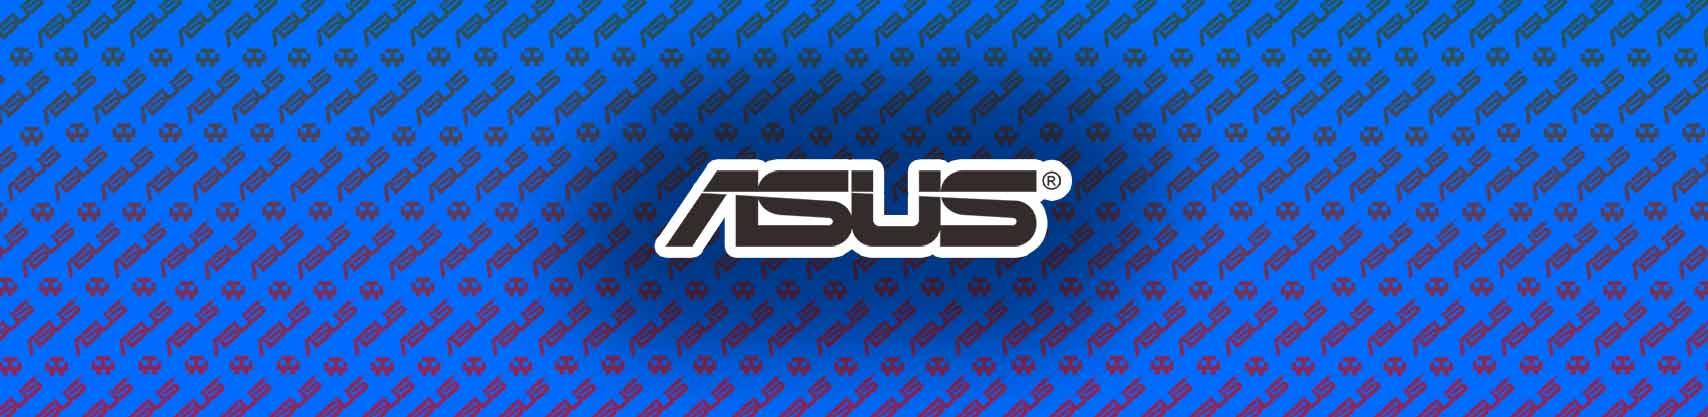 Asus M5A97 R2.0 Manual